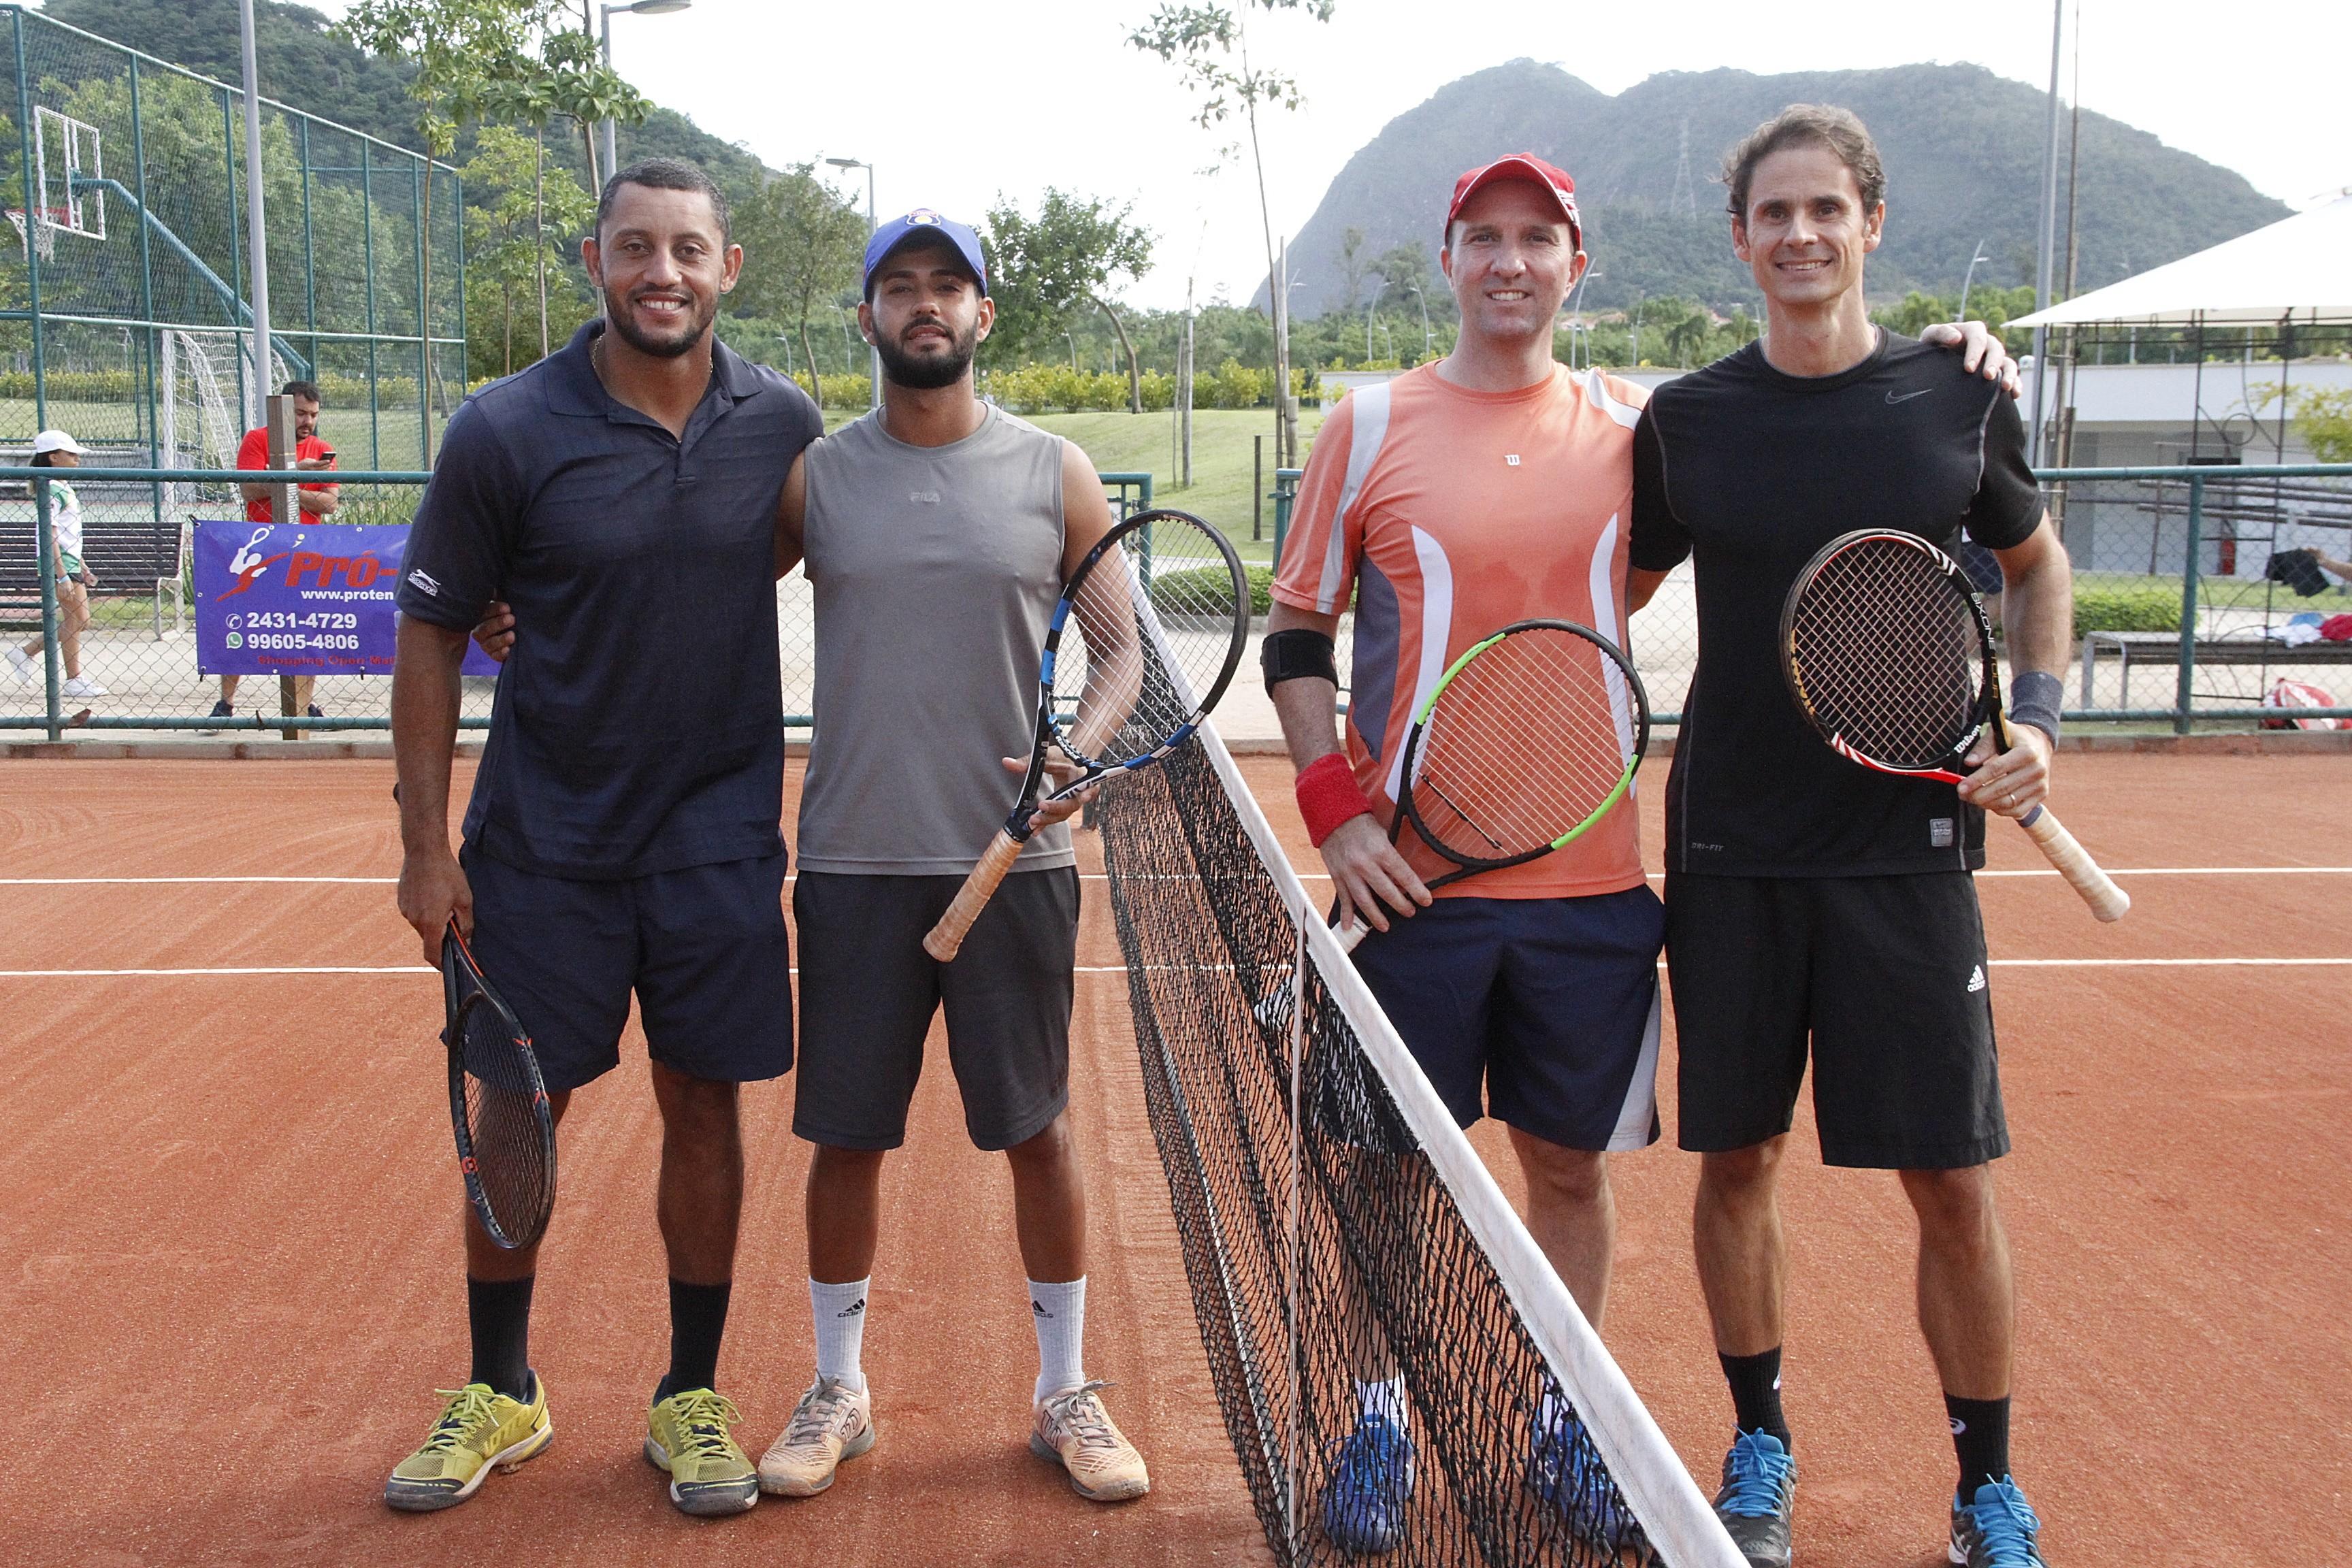 Da esquerda para a direita, os vice-campeões da A, Denis Alves e Marcos Silva, e os campeões Leonardo Tonelli e Leonardo Roedel